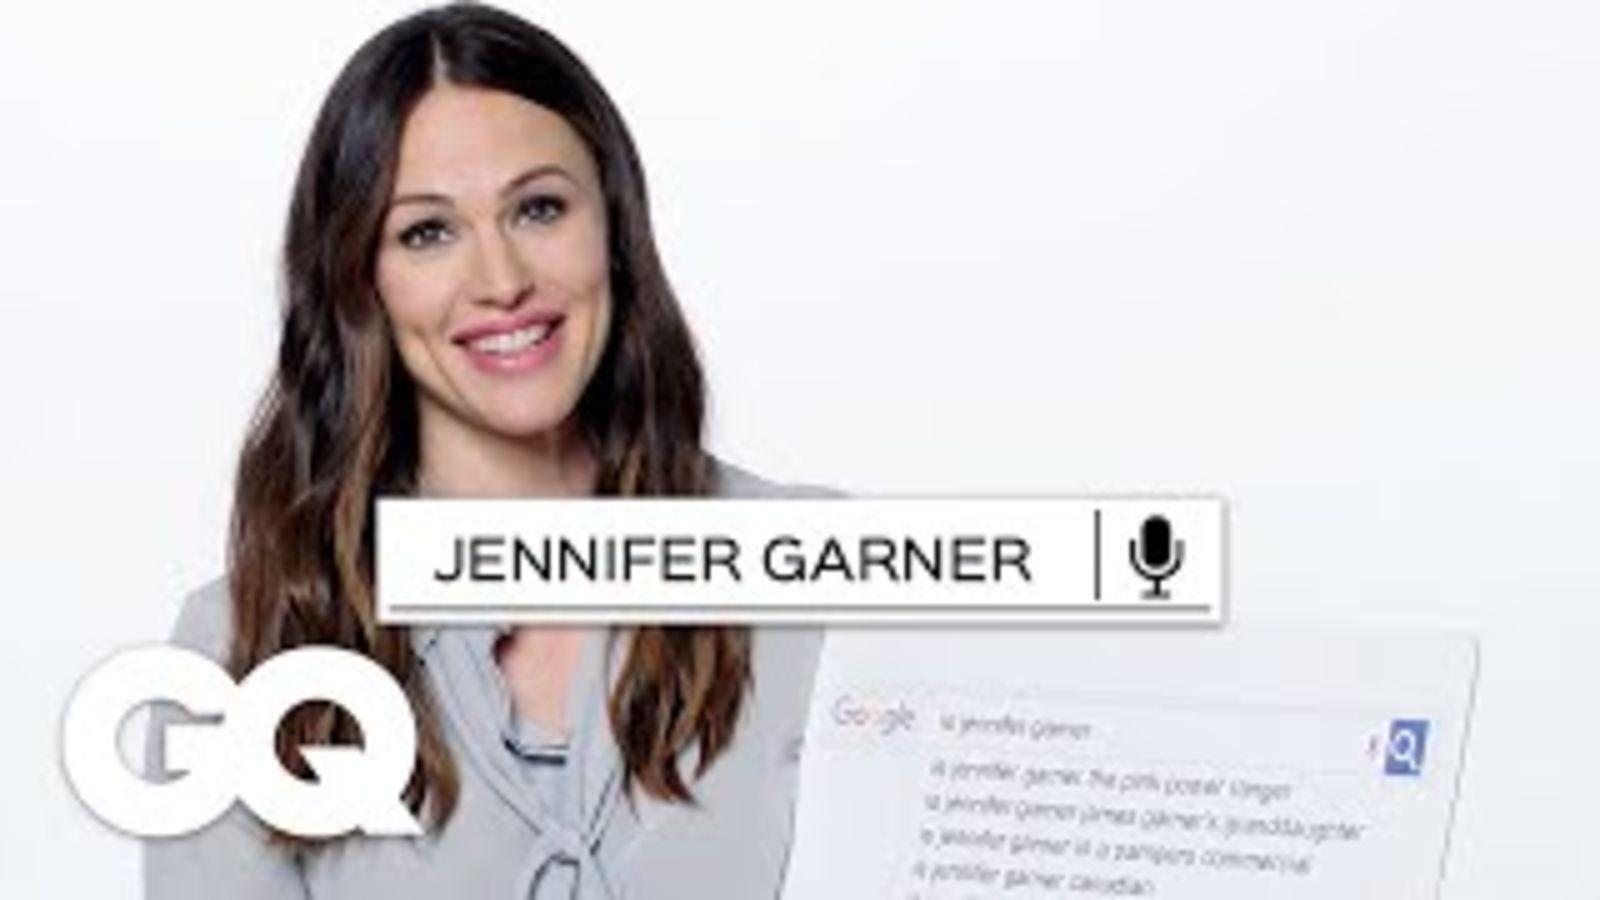 Jennifer Garner responde todo de Internet | Lo más buscado | GQ México y Latinoamérica